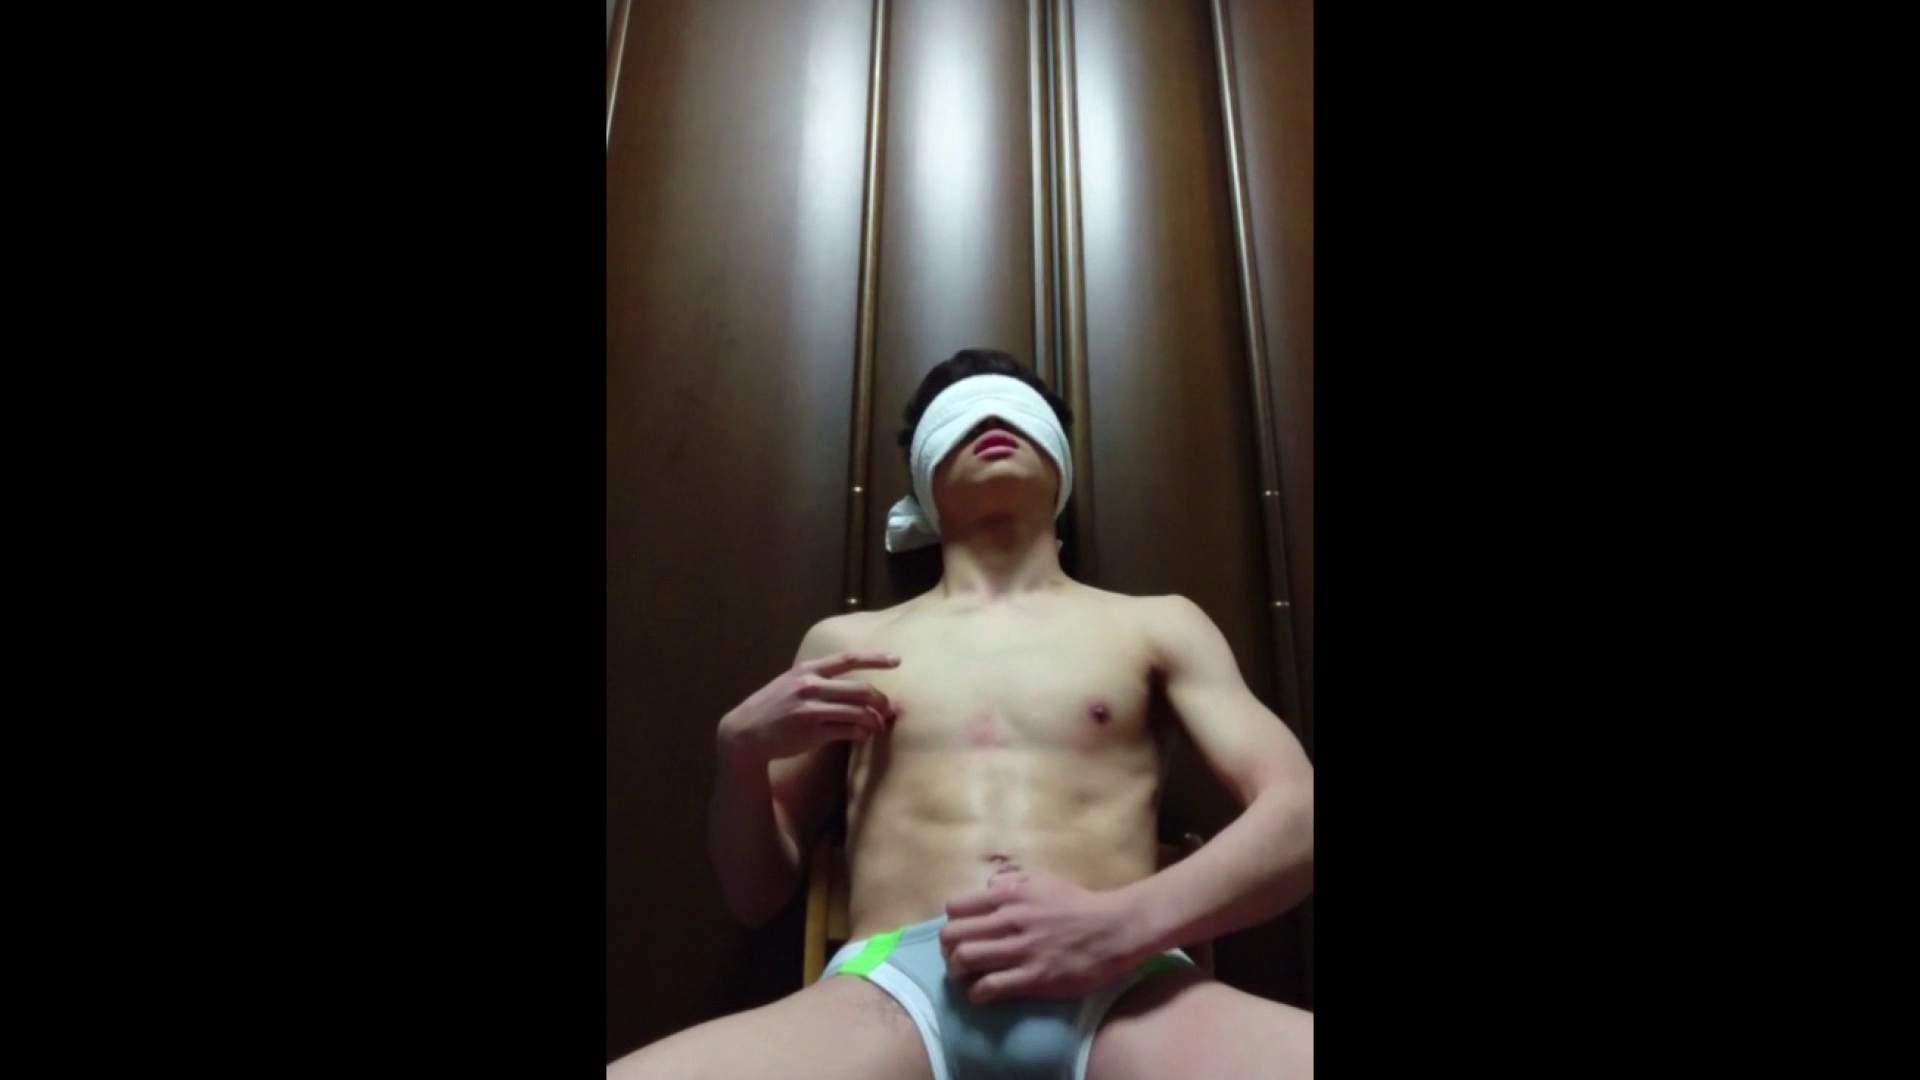 個人撮影 自慰の極意 Vol.21 オナニー  59pic 52